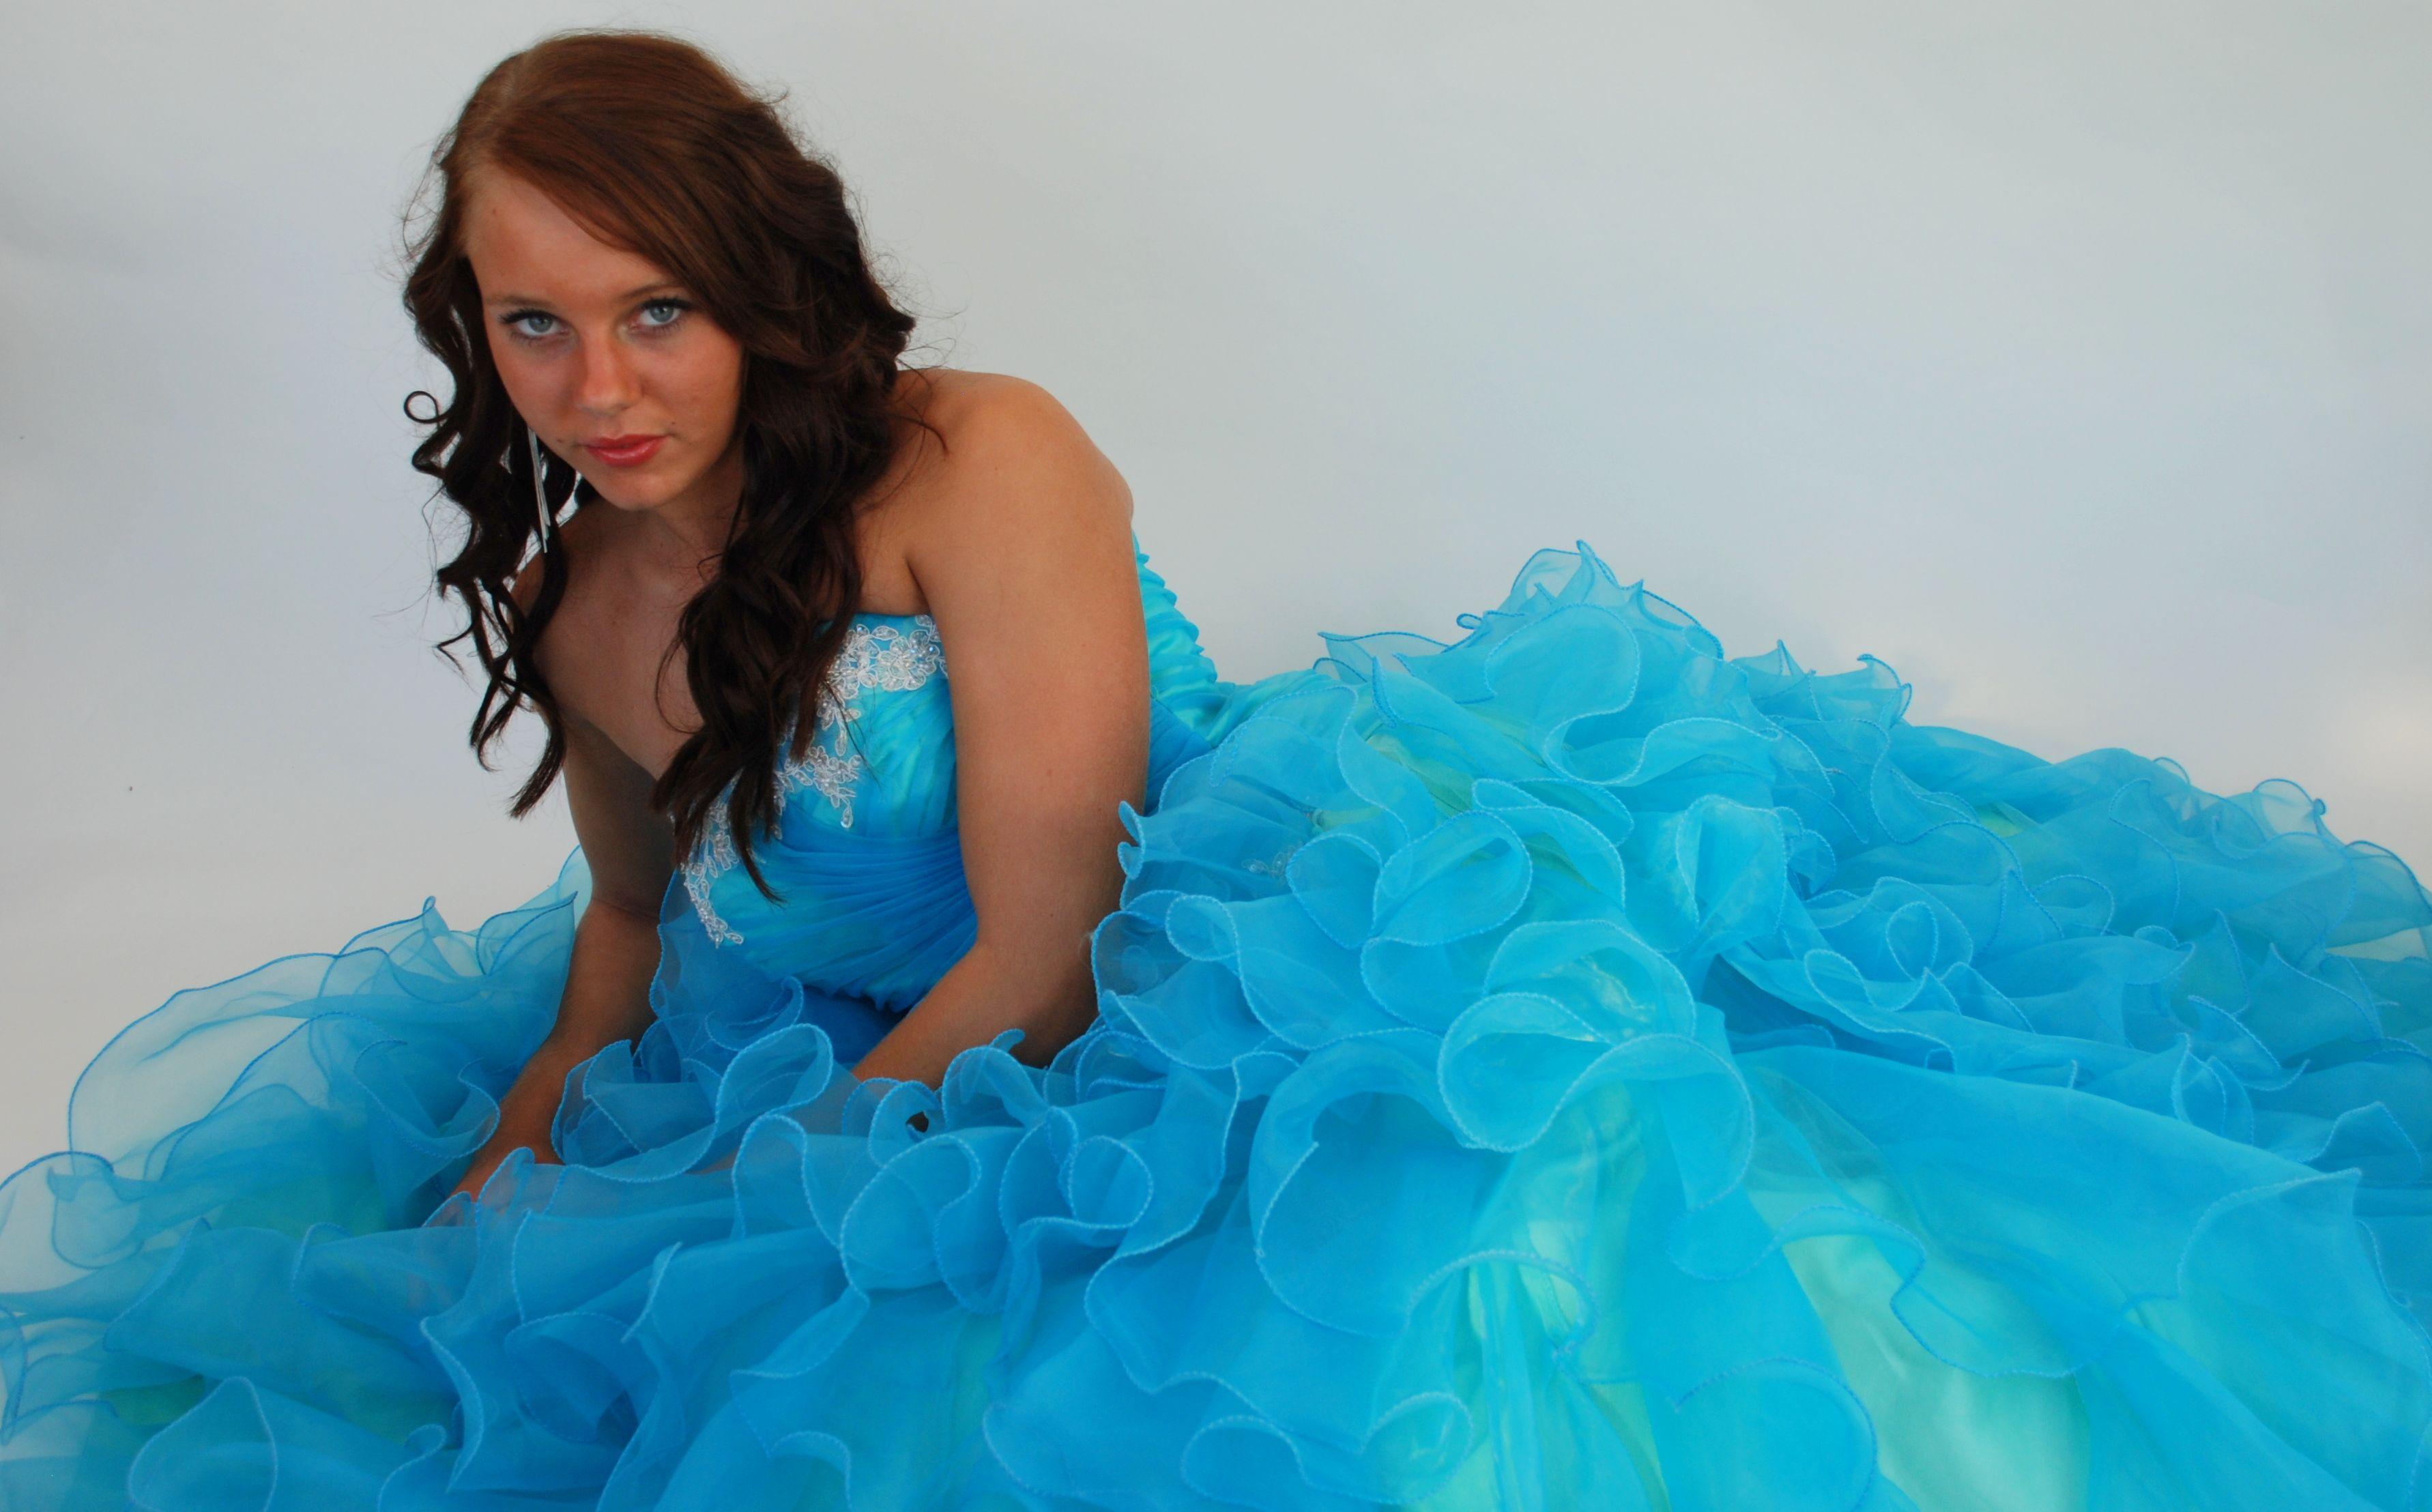 Pollyanna fairytale prom dress